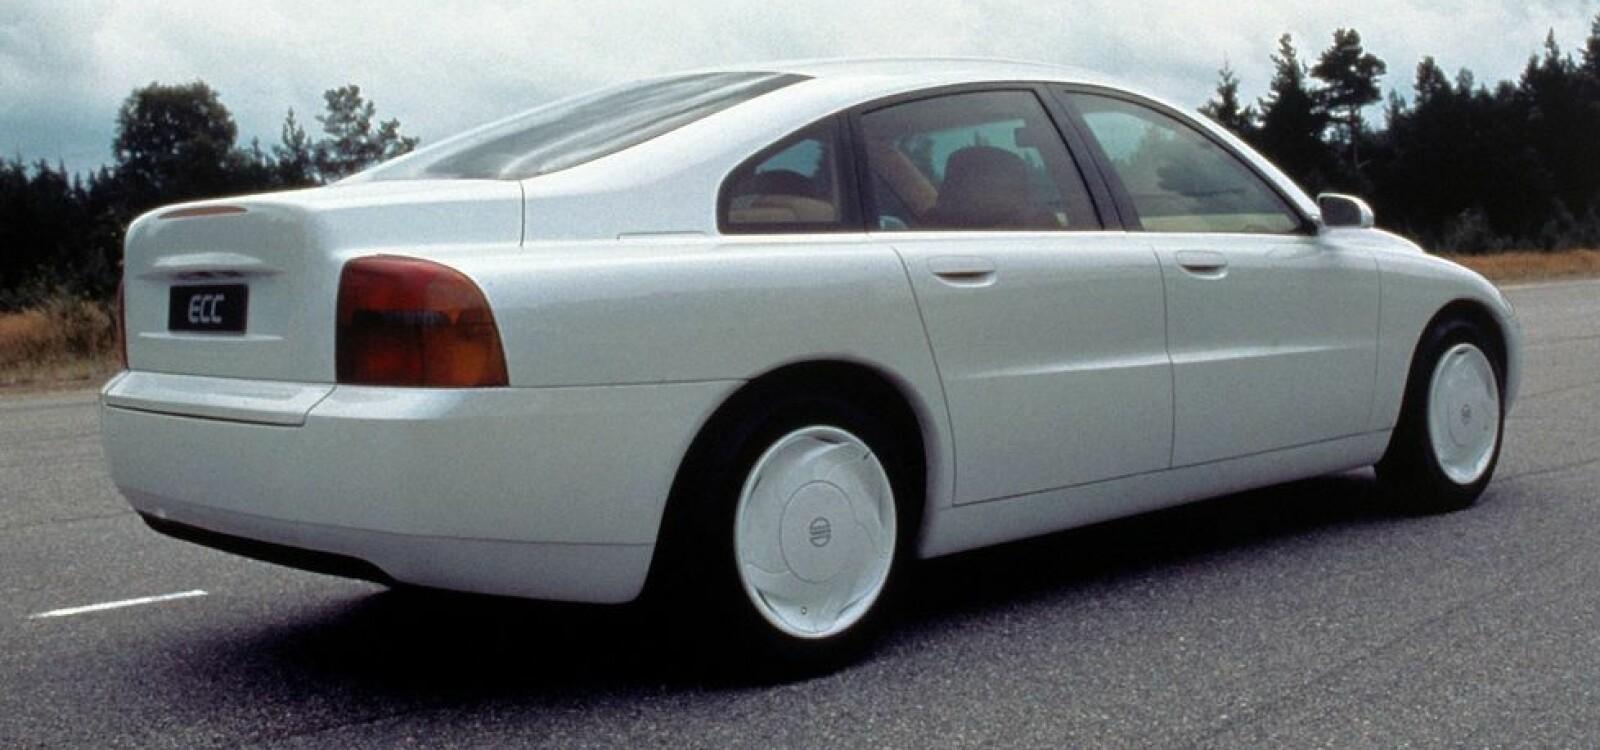 <b><SPAN CLASS=BOLD><STRONG>MILJØBIL:</b></strong></span> Men, er det ikke en S80? Nei, jo, vet ikke. Volvo Enviromental Concept Car fra 1992 var hvert fall en god forsmak på Volvo S80, som først ble vist frem i 1998. Seks år etter at Volvo ECC debuterte.